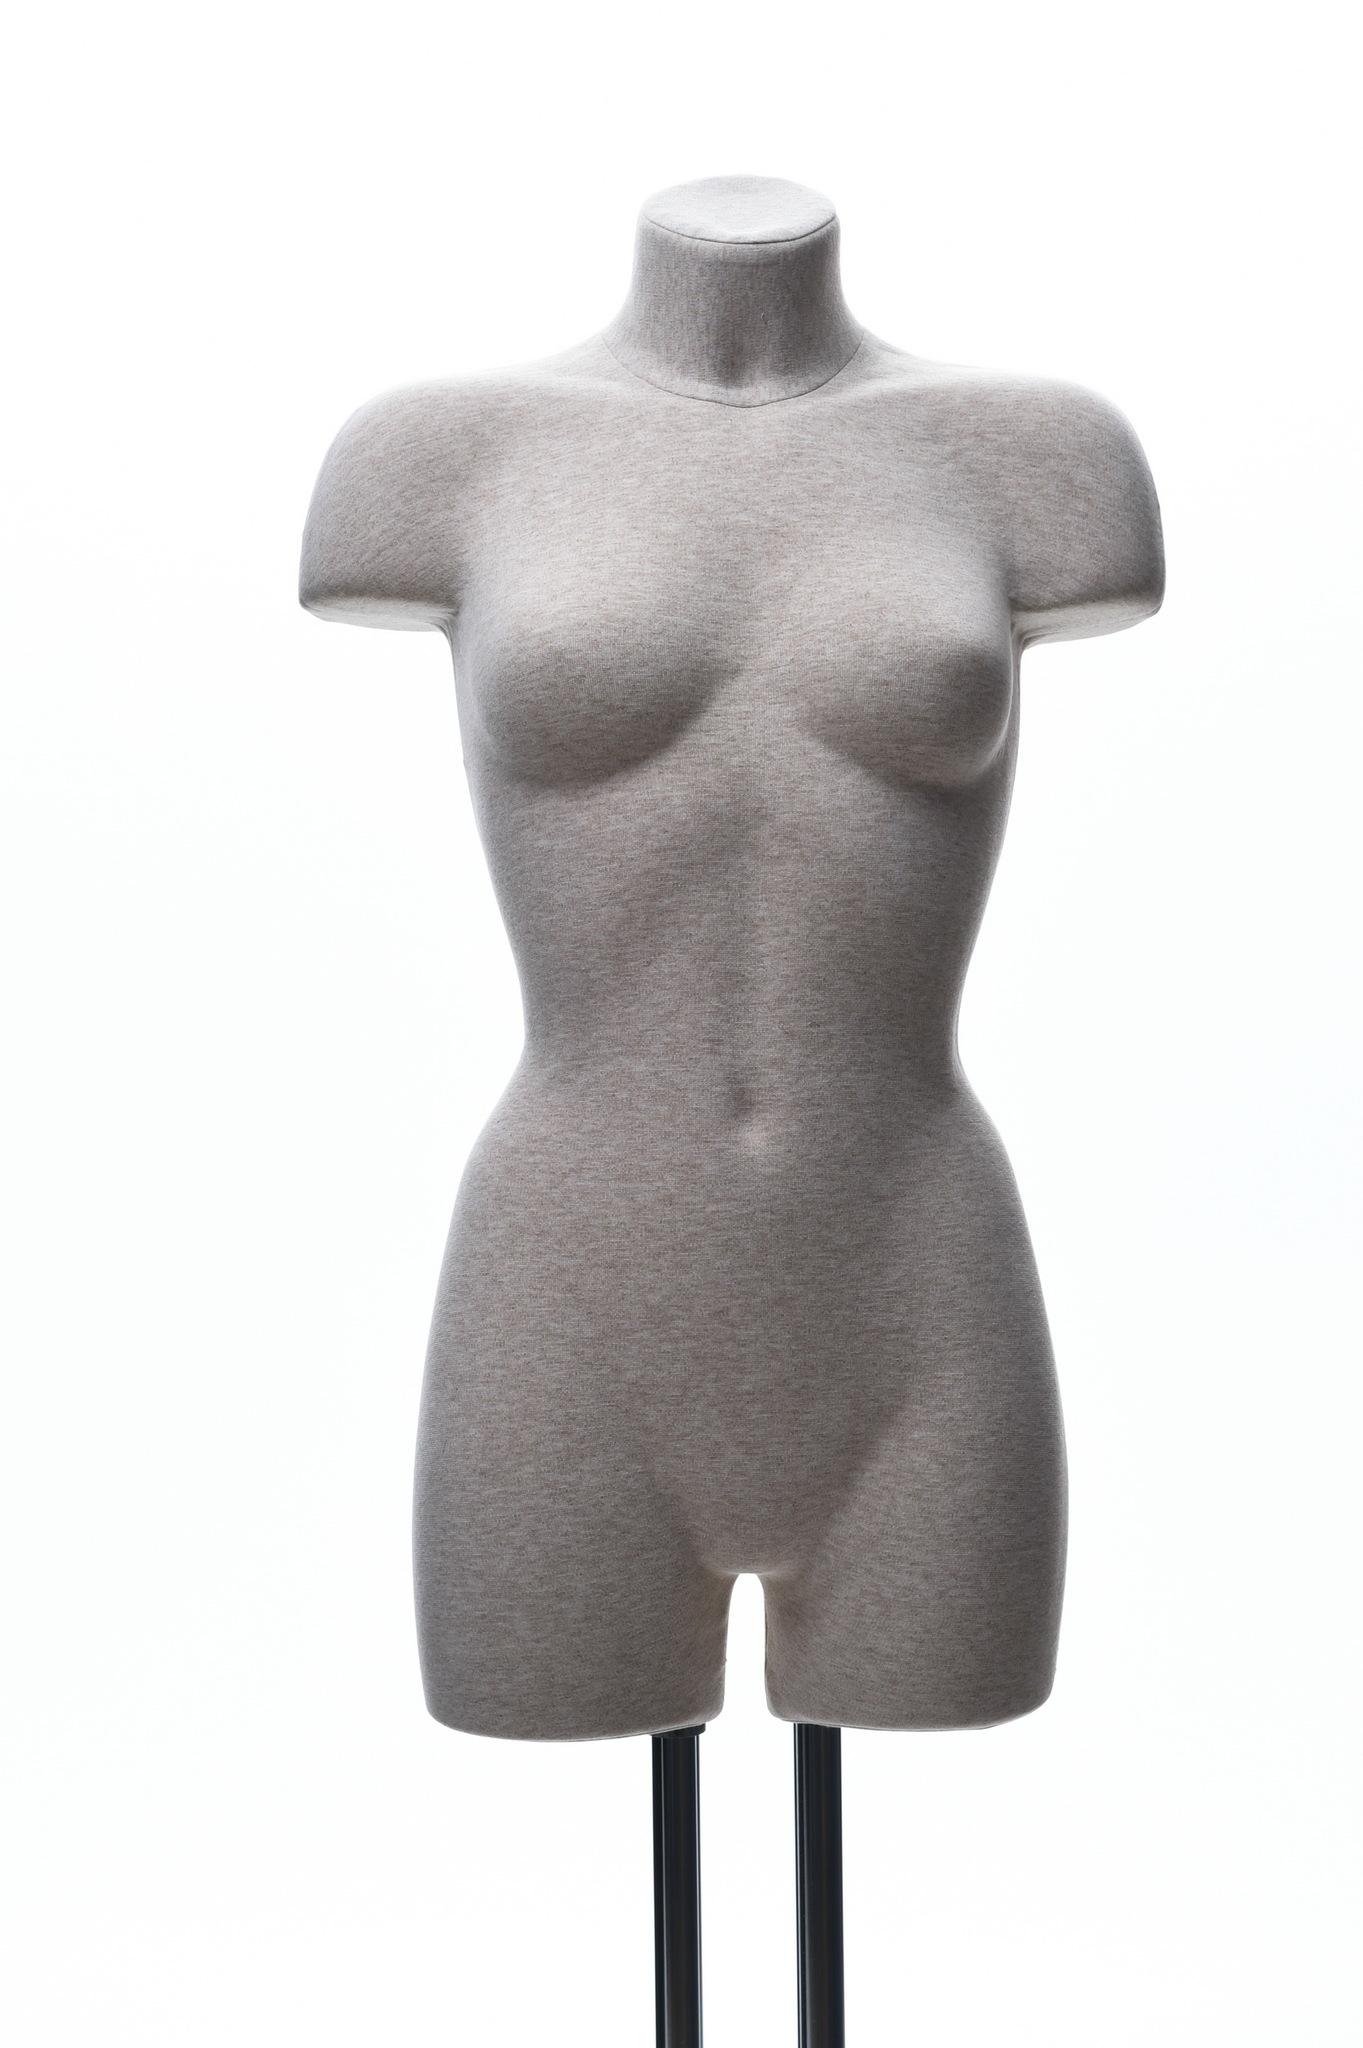 5475af15e Демонстрационный женский манекен 42-44 размер (телесный)